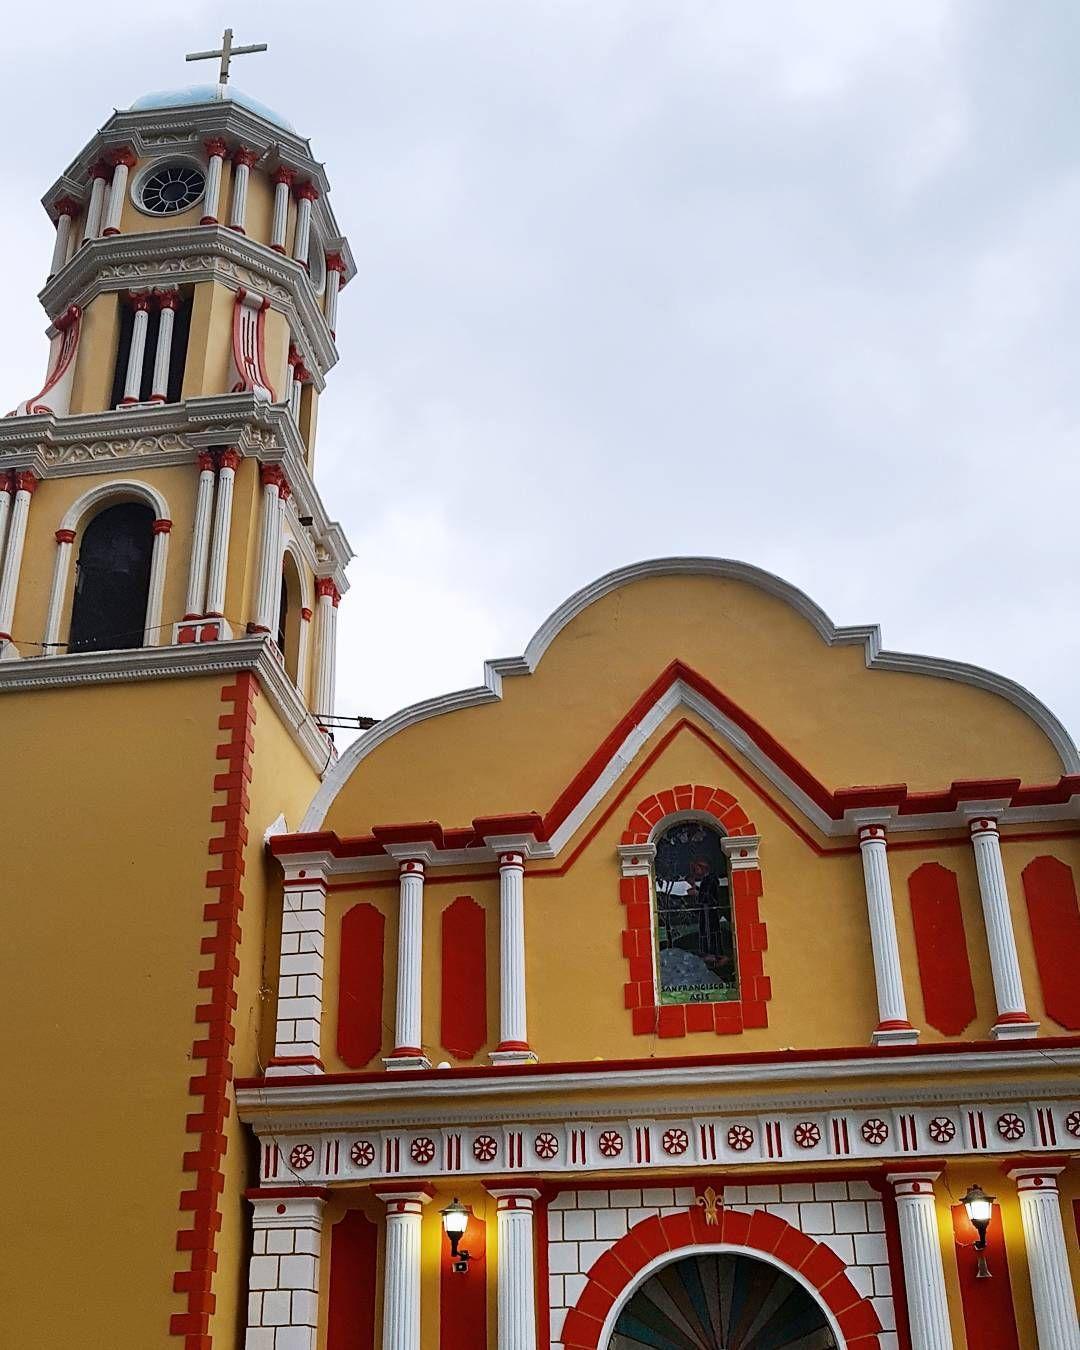 Enclavado en las altas montañas de Veracruz se encuentra Coscomatepec de Bravo un apacible #PuebloMágico que ofrece en días despejados una privilegiada vista del Pico de Orizaba y un paisaje verde y húmedo que se queda en la mente.